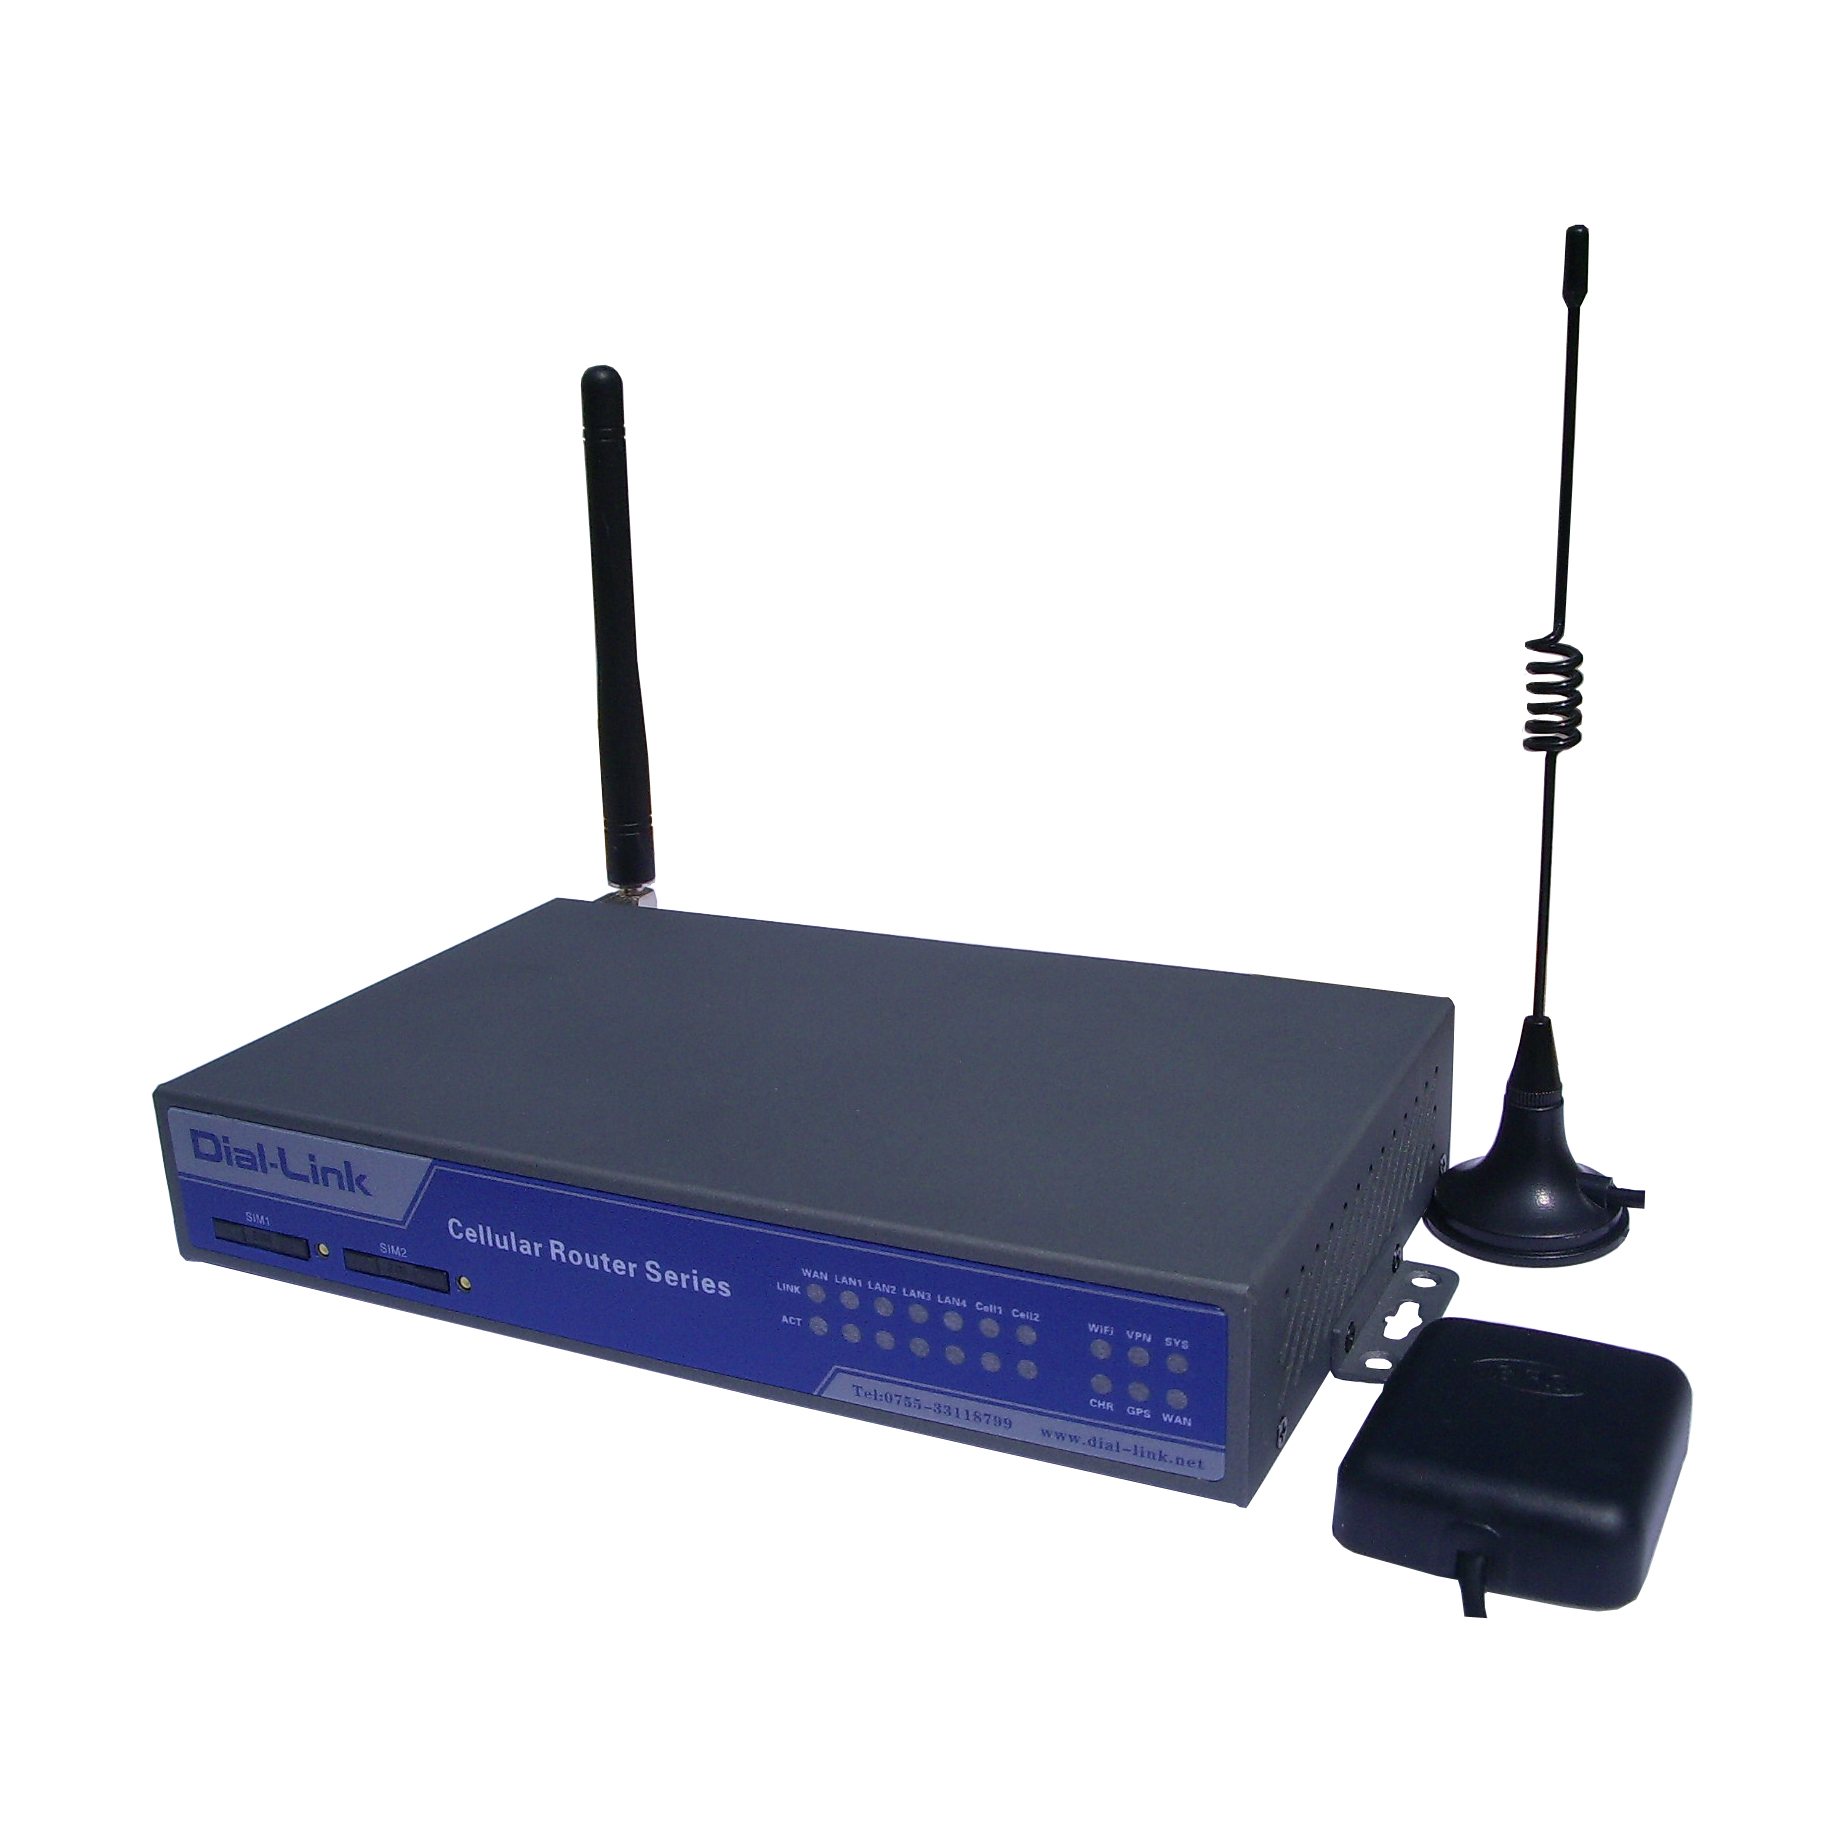 工业无线全网通路由器 工业级路由器